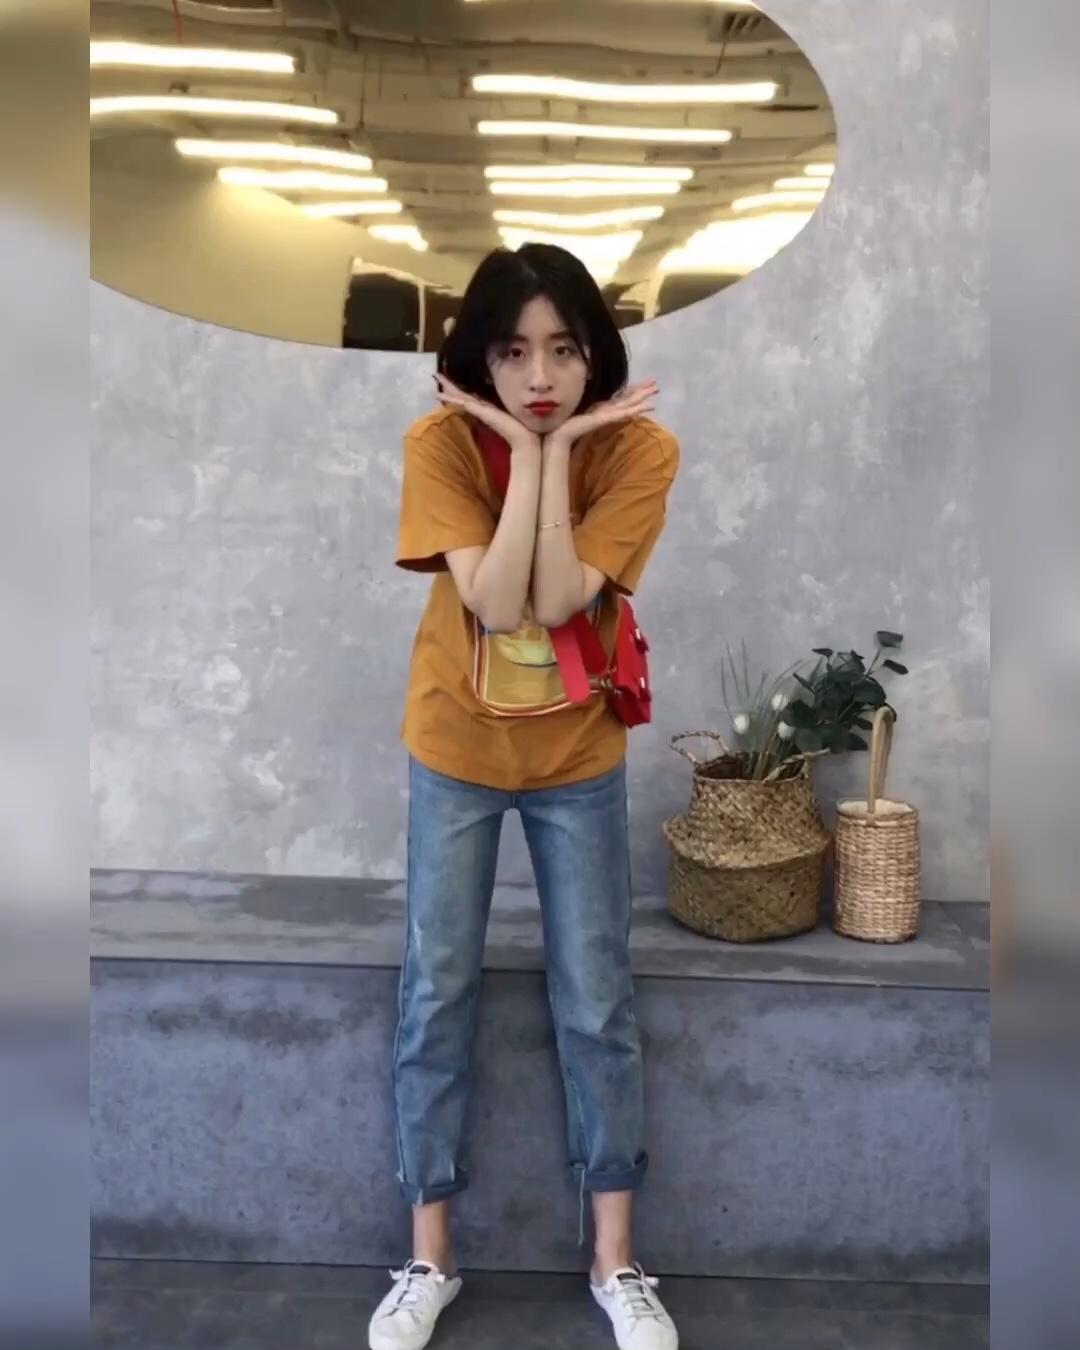 #蘑菇街新品测评# 显瘦显高的一套穿哒 姜黄色的T恤就该配个牛仔裤呀